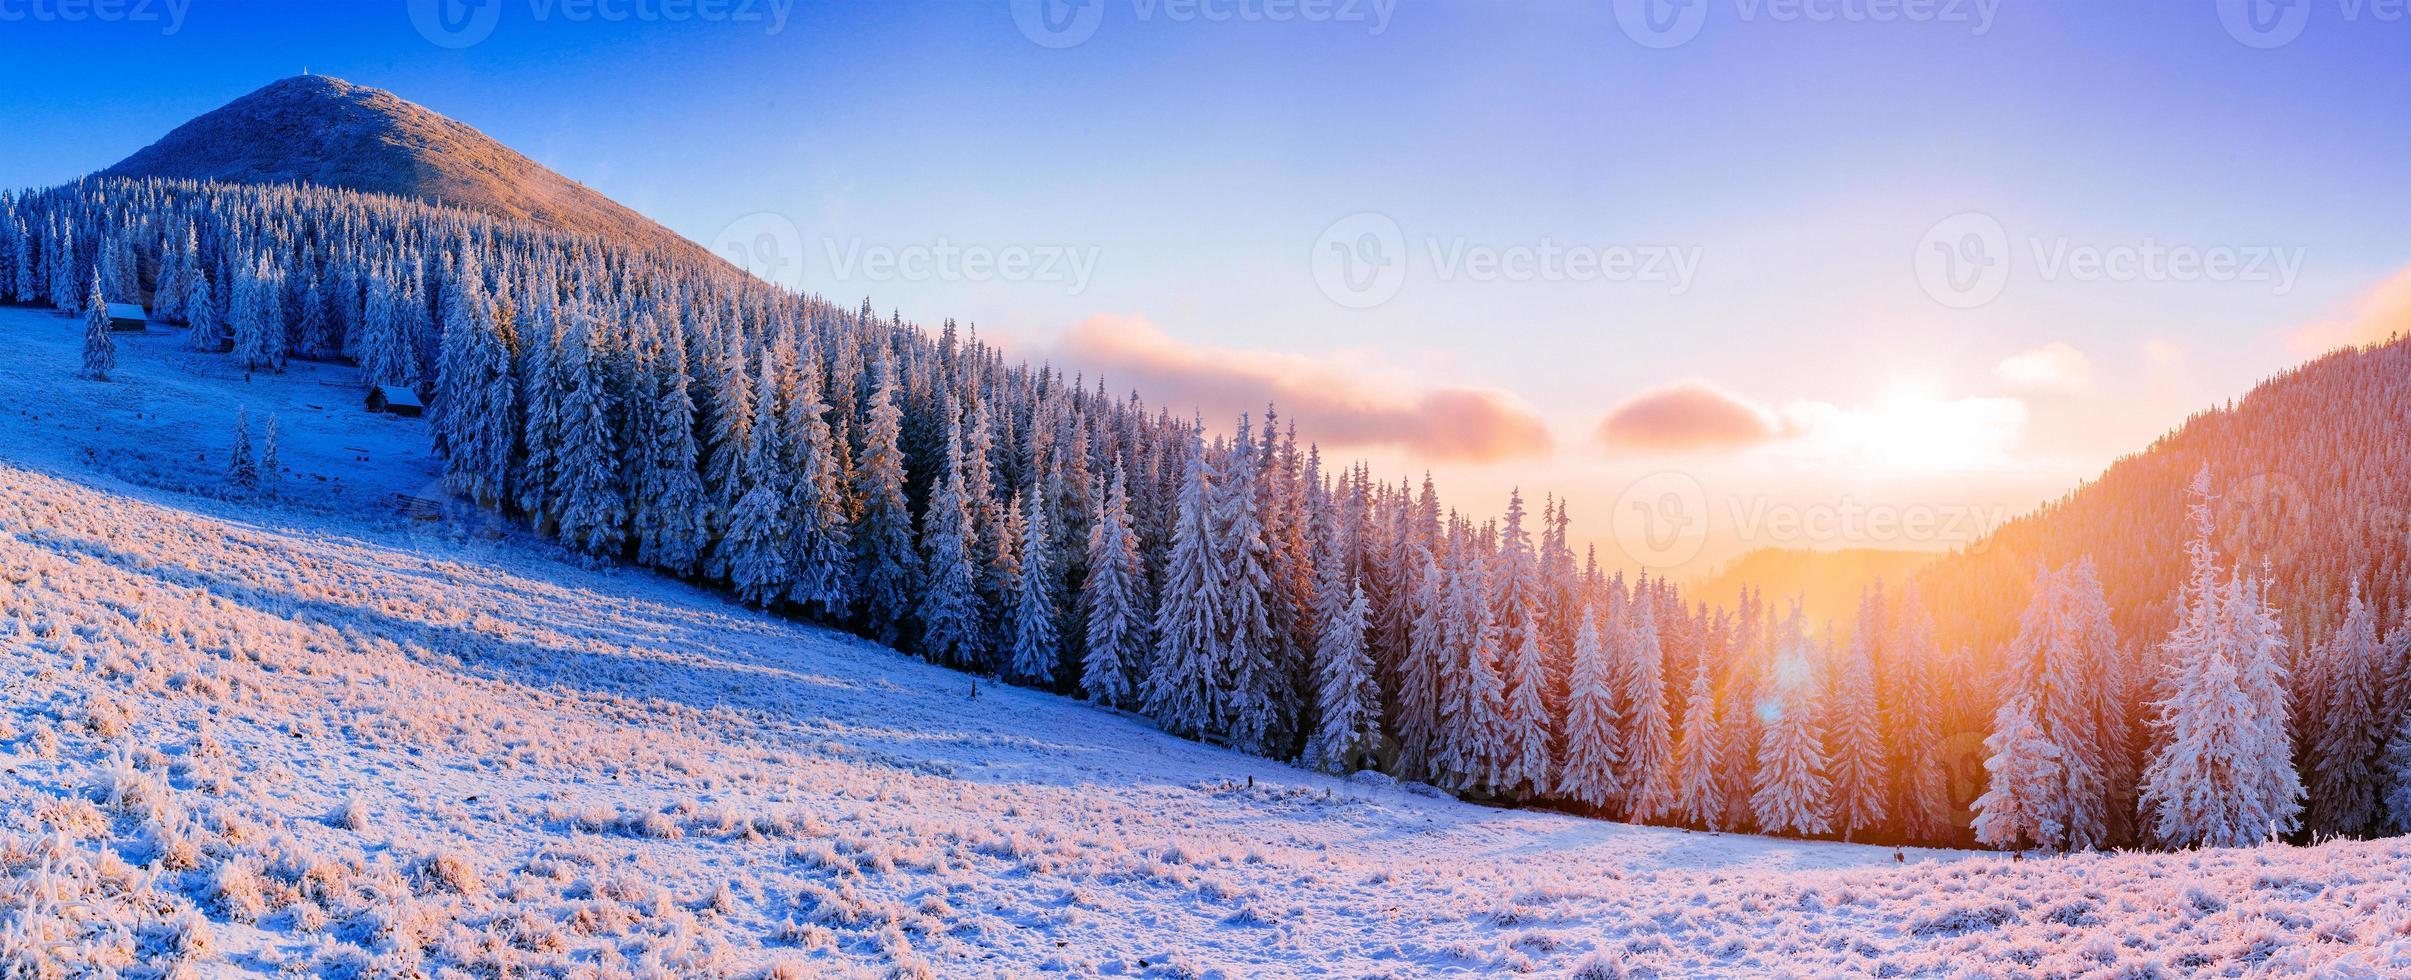 arbres de paysage d'hiver dans le gel photo